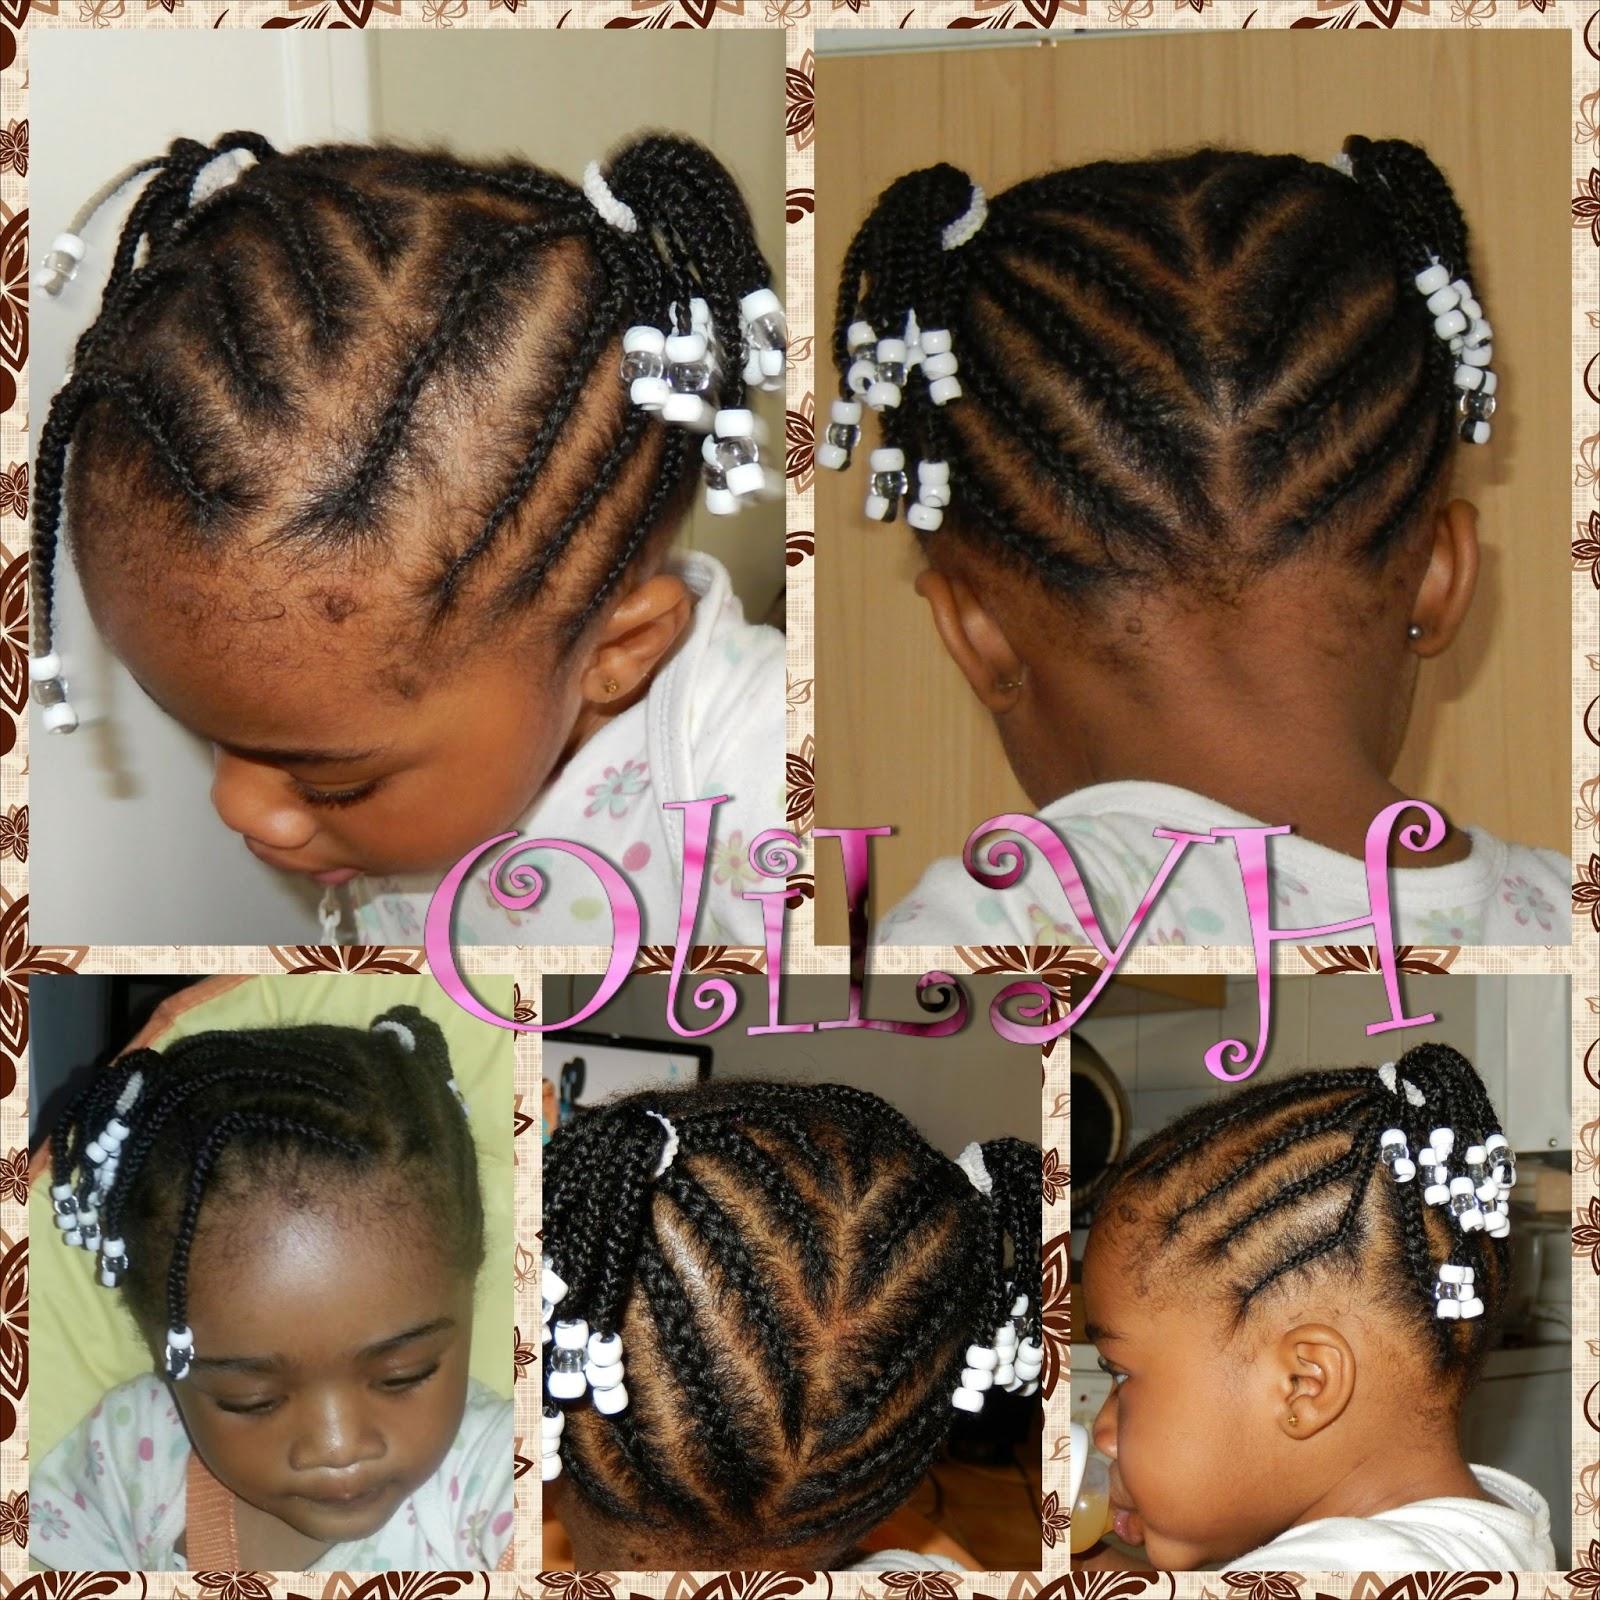 olilyh olivia loves your hair coiffures sur enfant. Black Bedroom Furniture Sets. Home Design Ideas